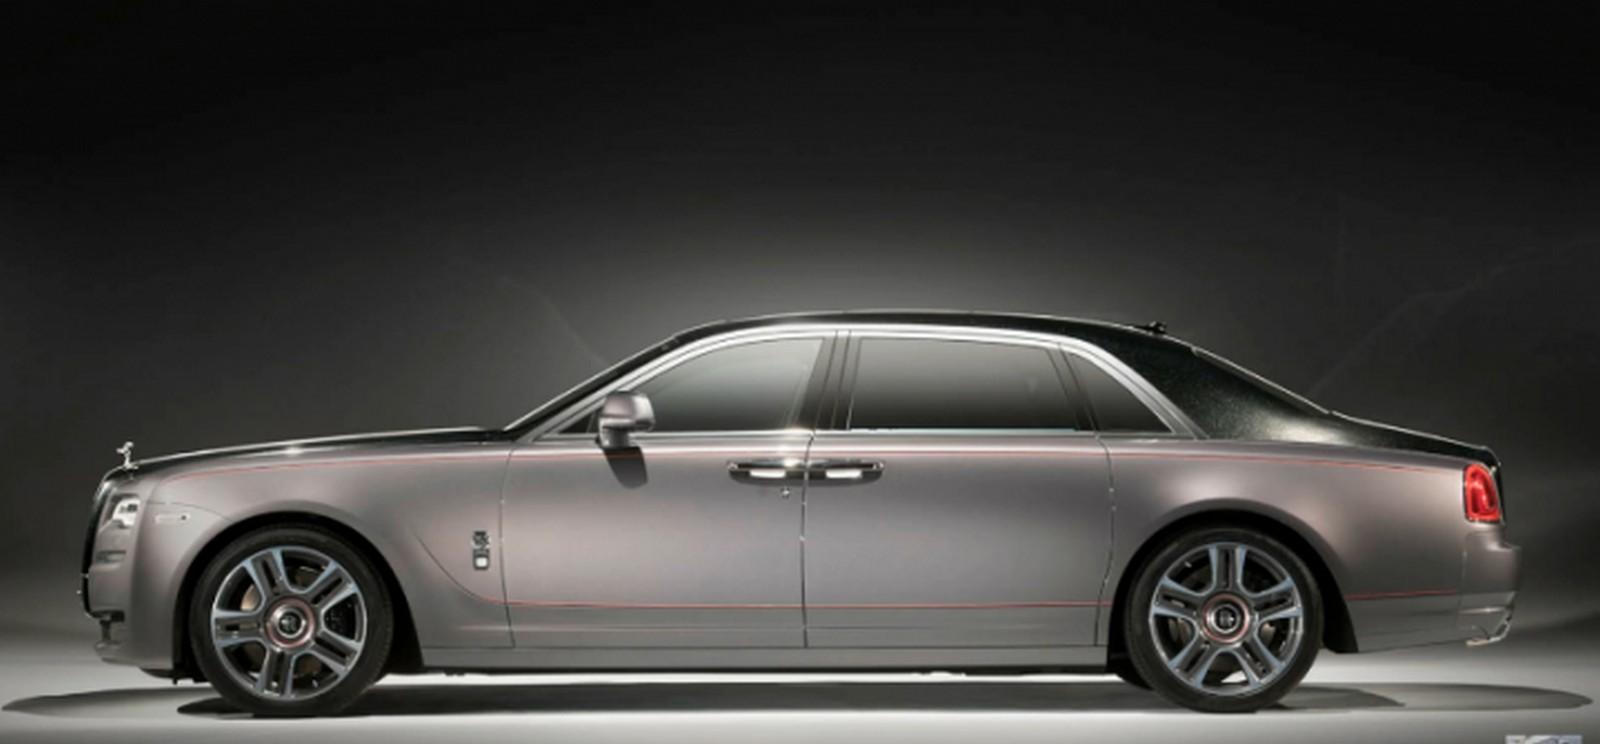 Бриллиантовый Rolls-Royce